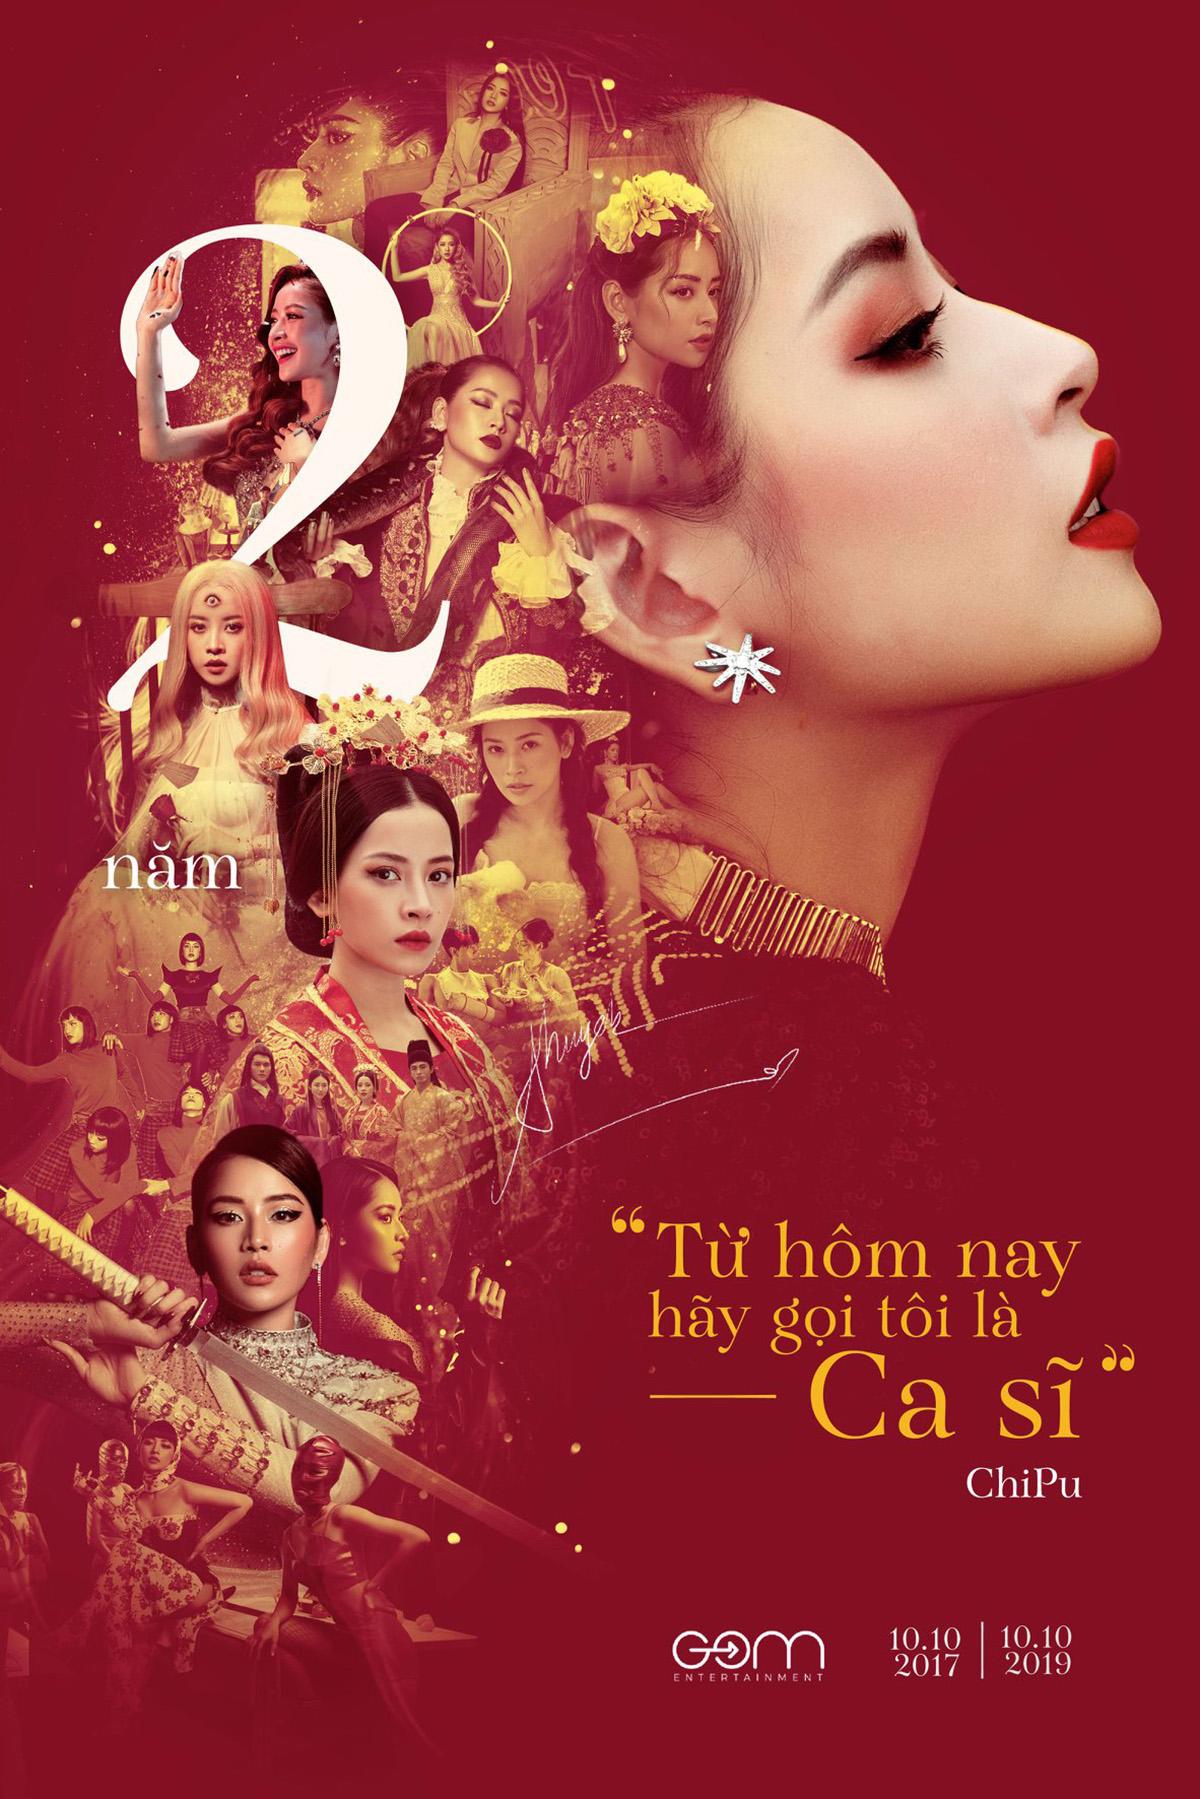 Đinh Thiên Phú: Người sáng tạo ra những poster đình đám cho Trấn Thành, Lệ Quyên, Chi Pu